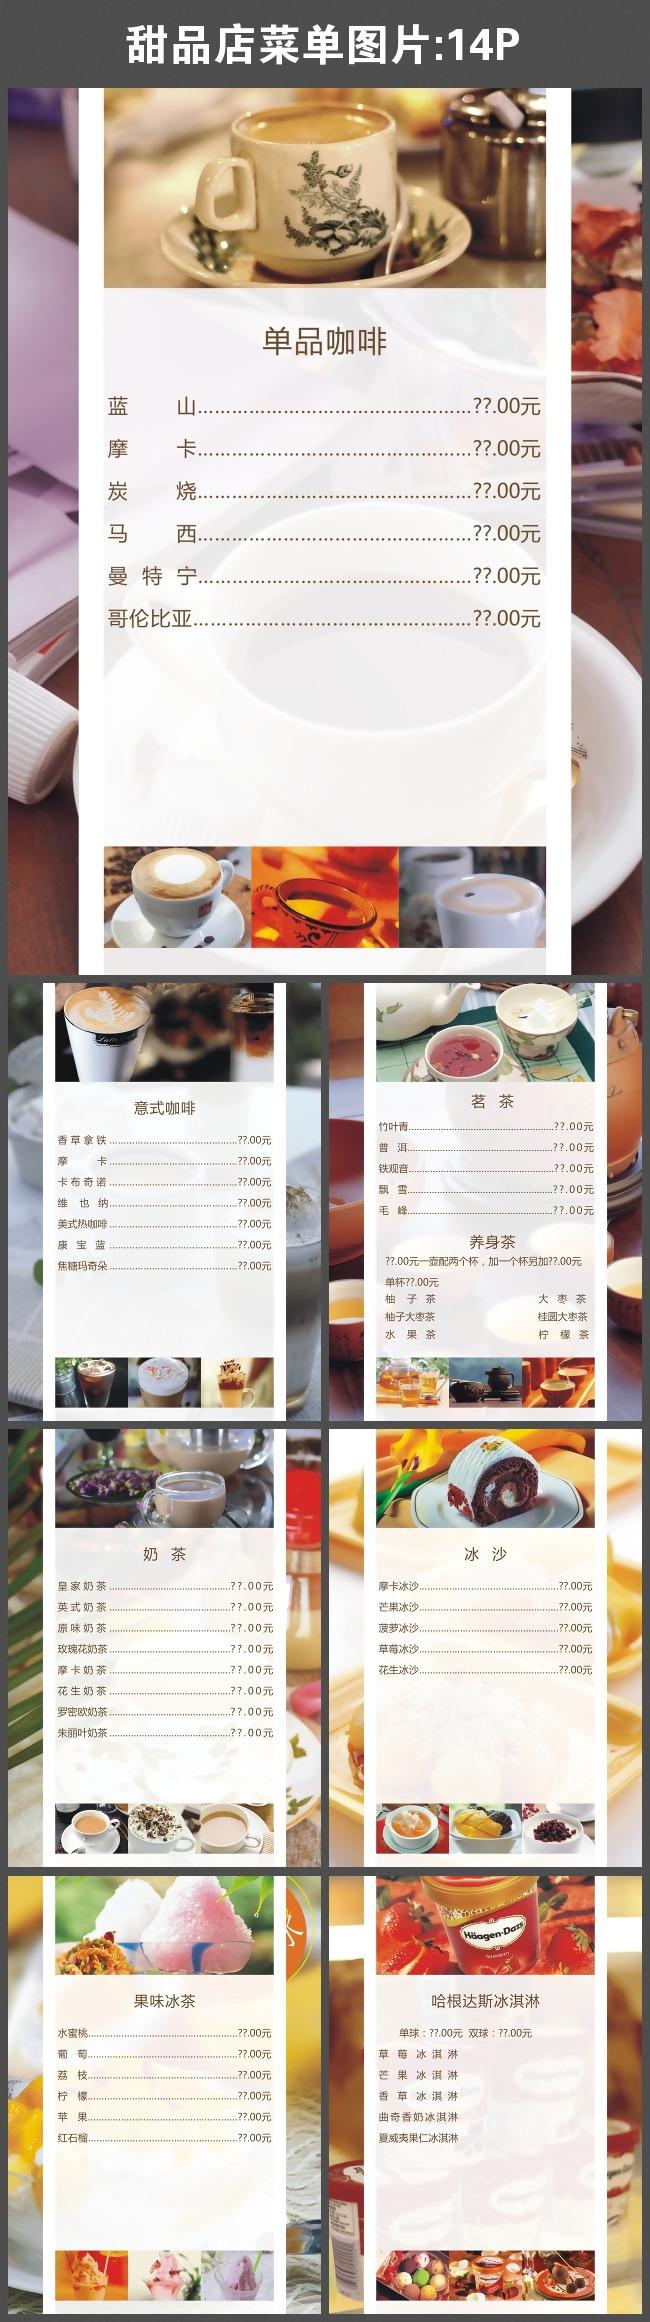 甜品店菜单模板下载 甜品店菜单 咖啡冷饮茶 哈根达斯 冰淇淋奶茶